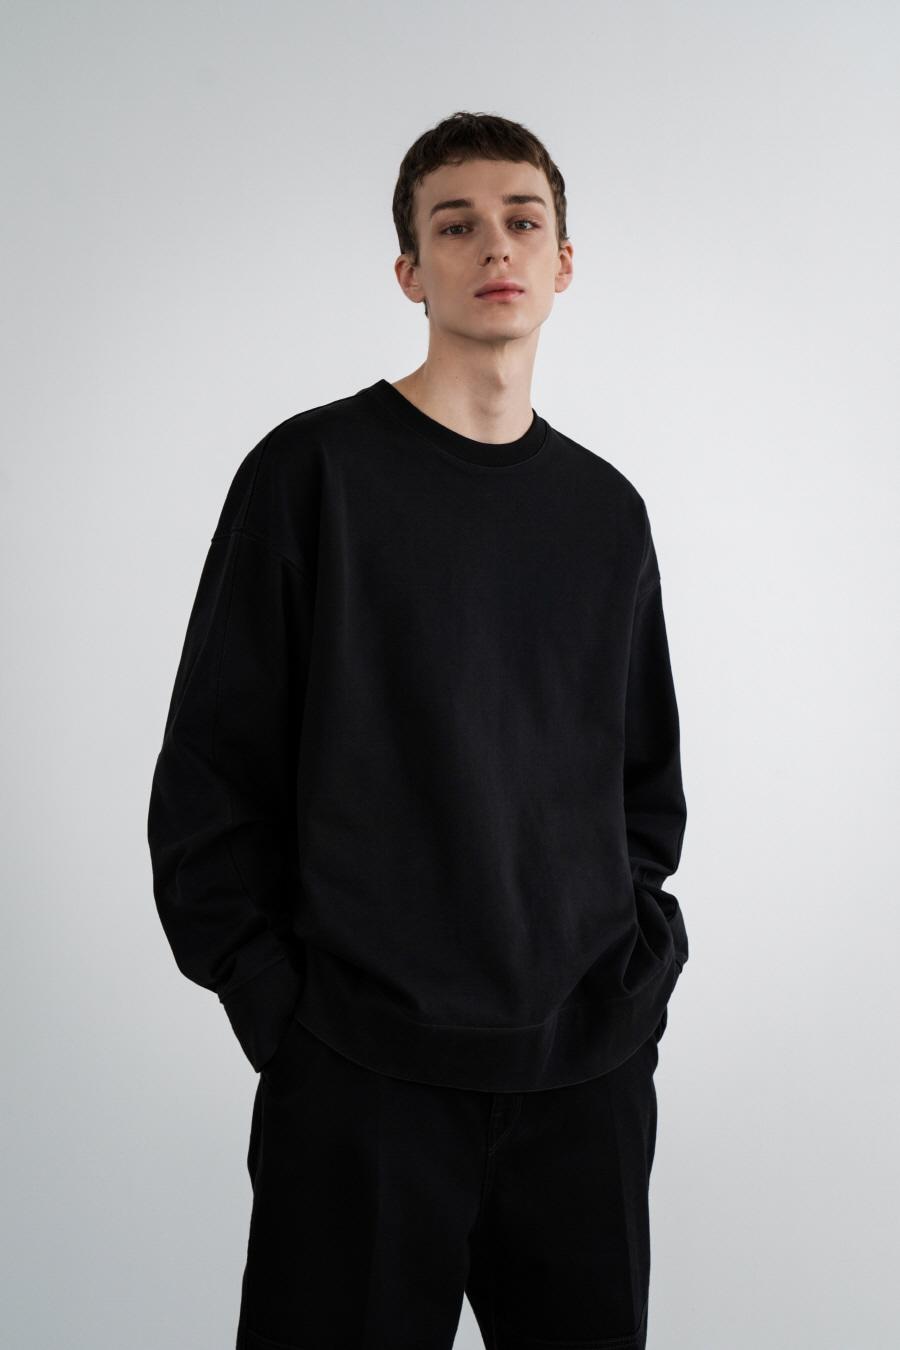 라이트웨이트 패널 스웨트셔츠 BLACK